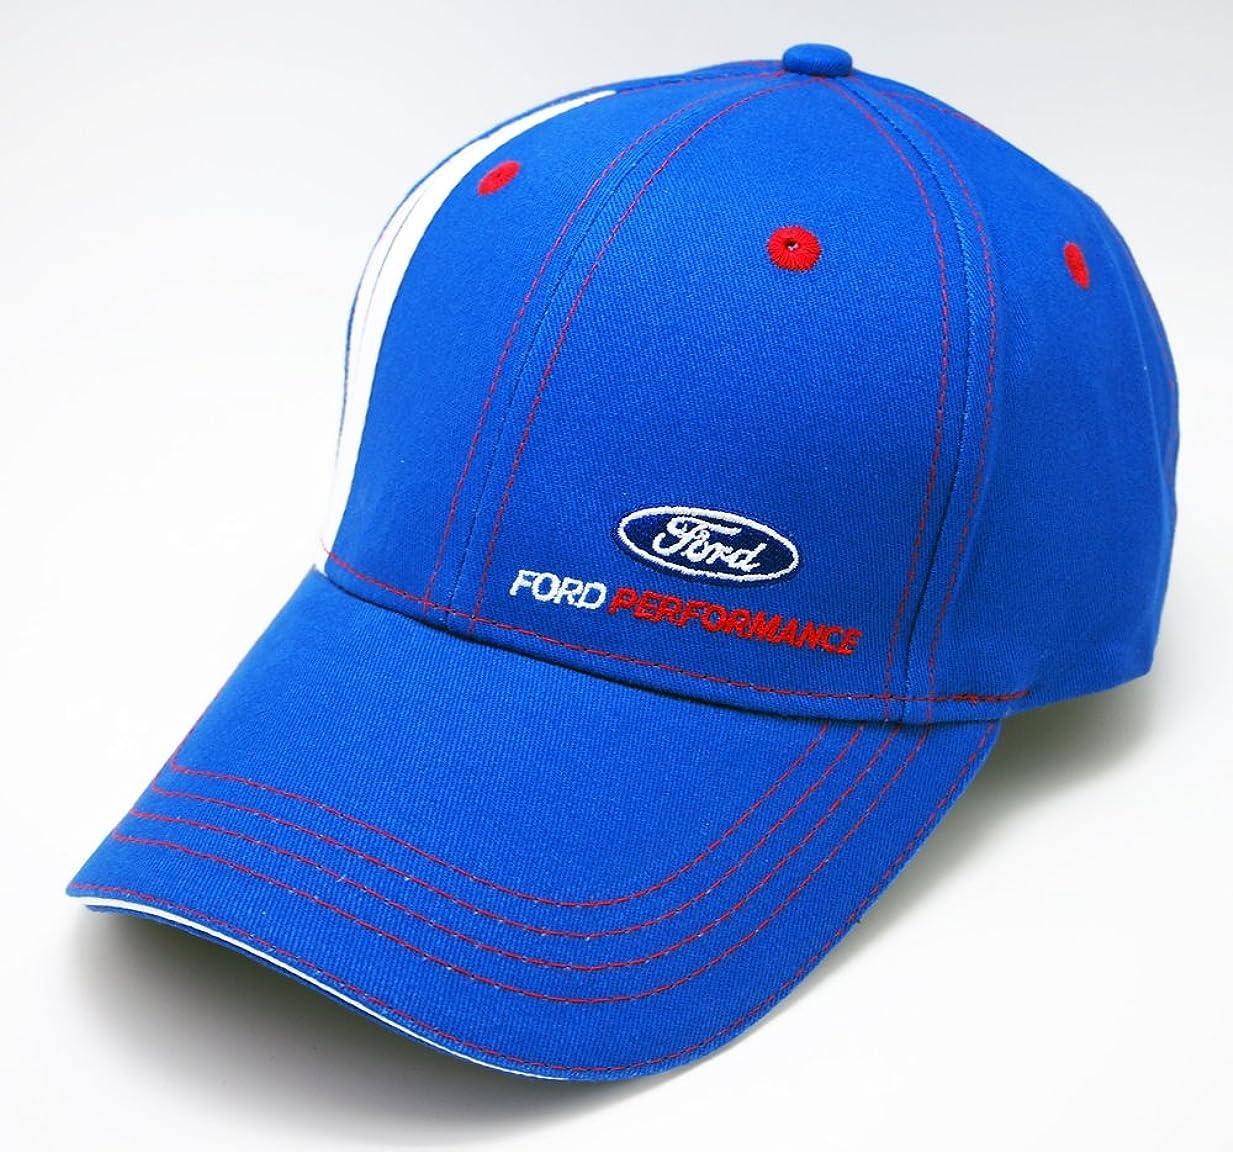 引き金ほとんどの場合管理する【 FORD 】 フォード WRC Racing Team モータースポーツ パフォーマンス CAP ブルー